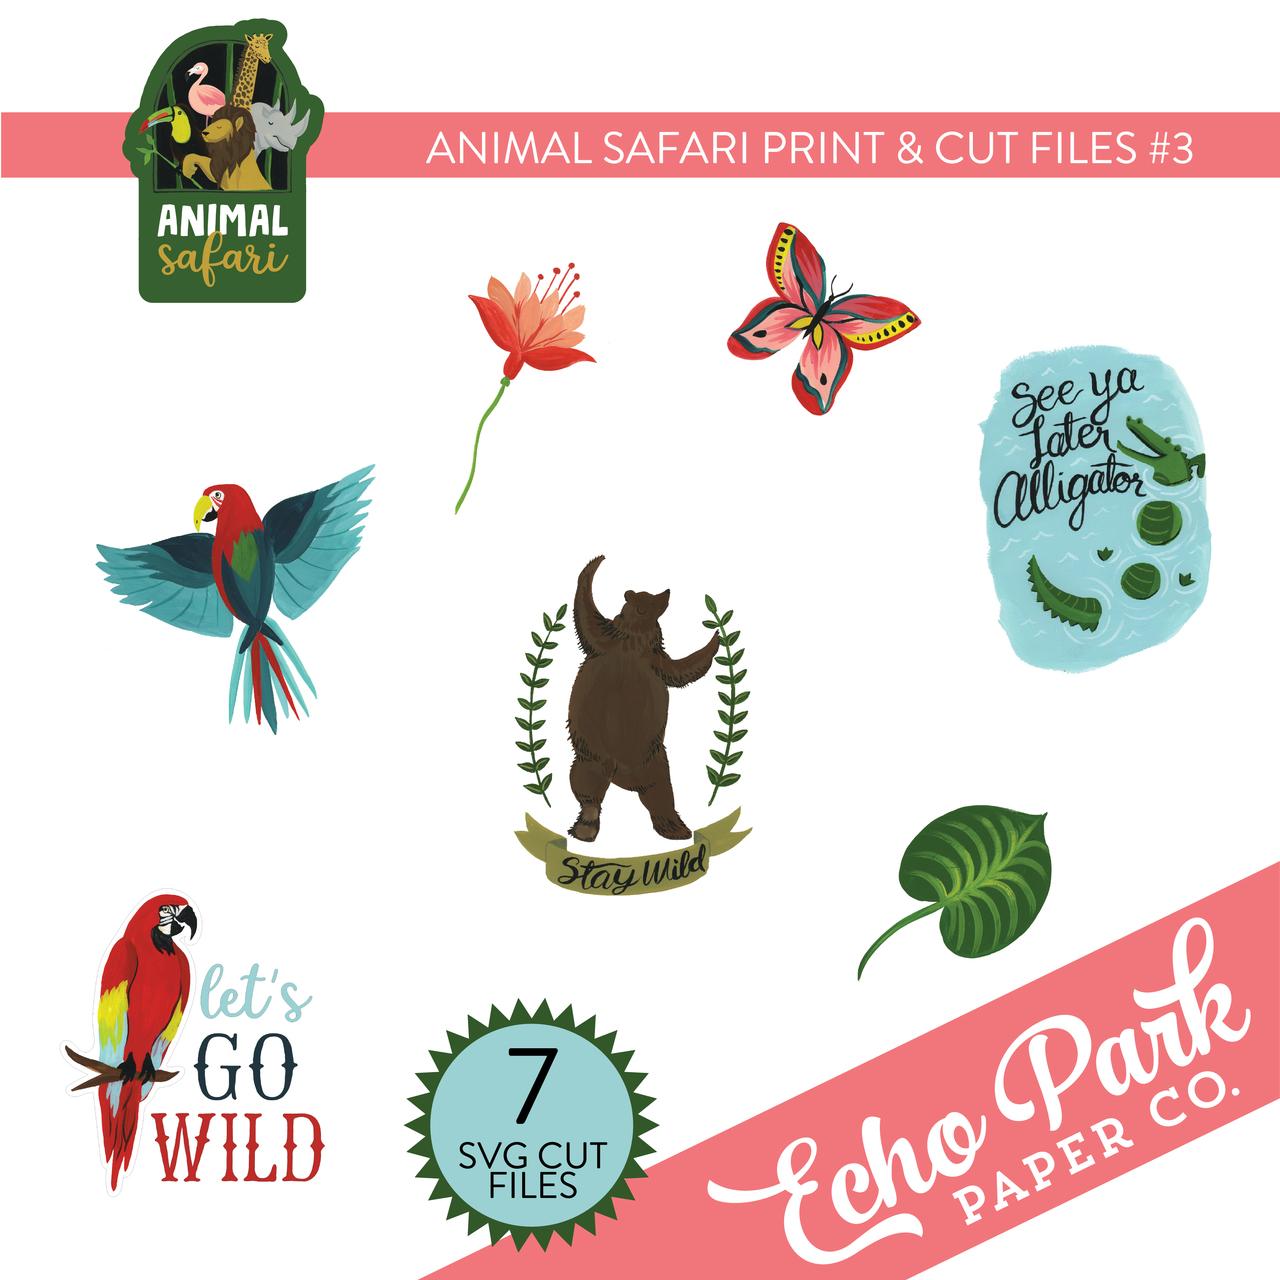 Animal Safari Print & Cut Files #3